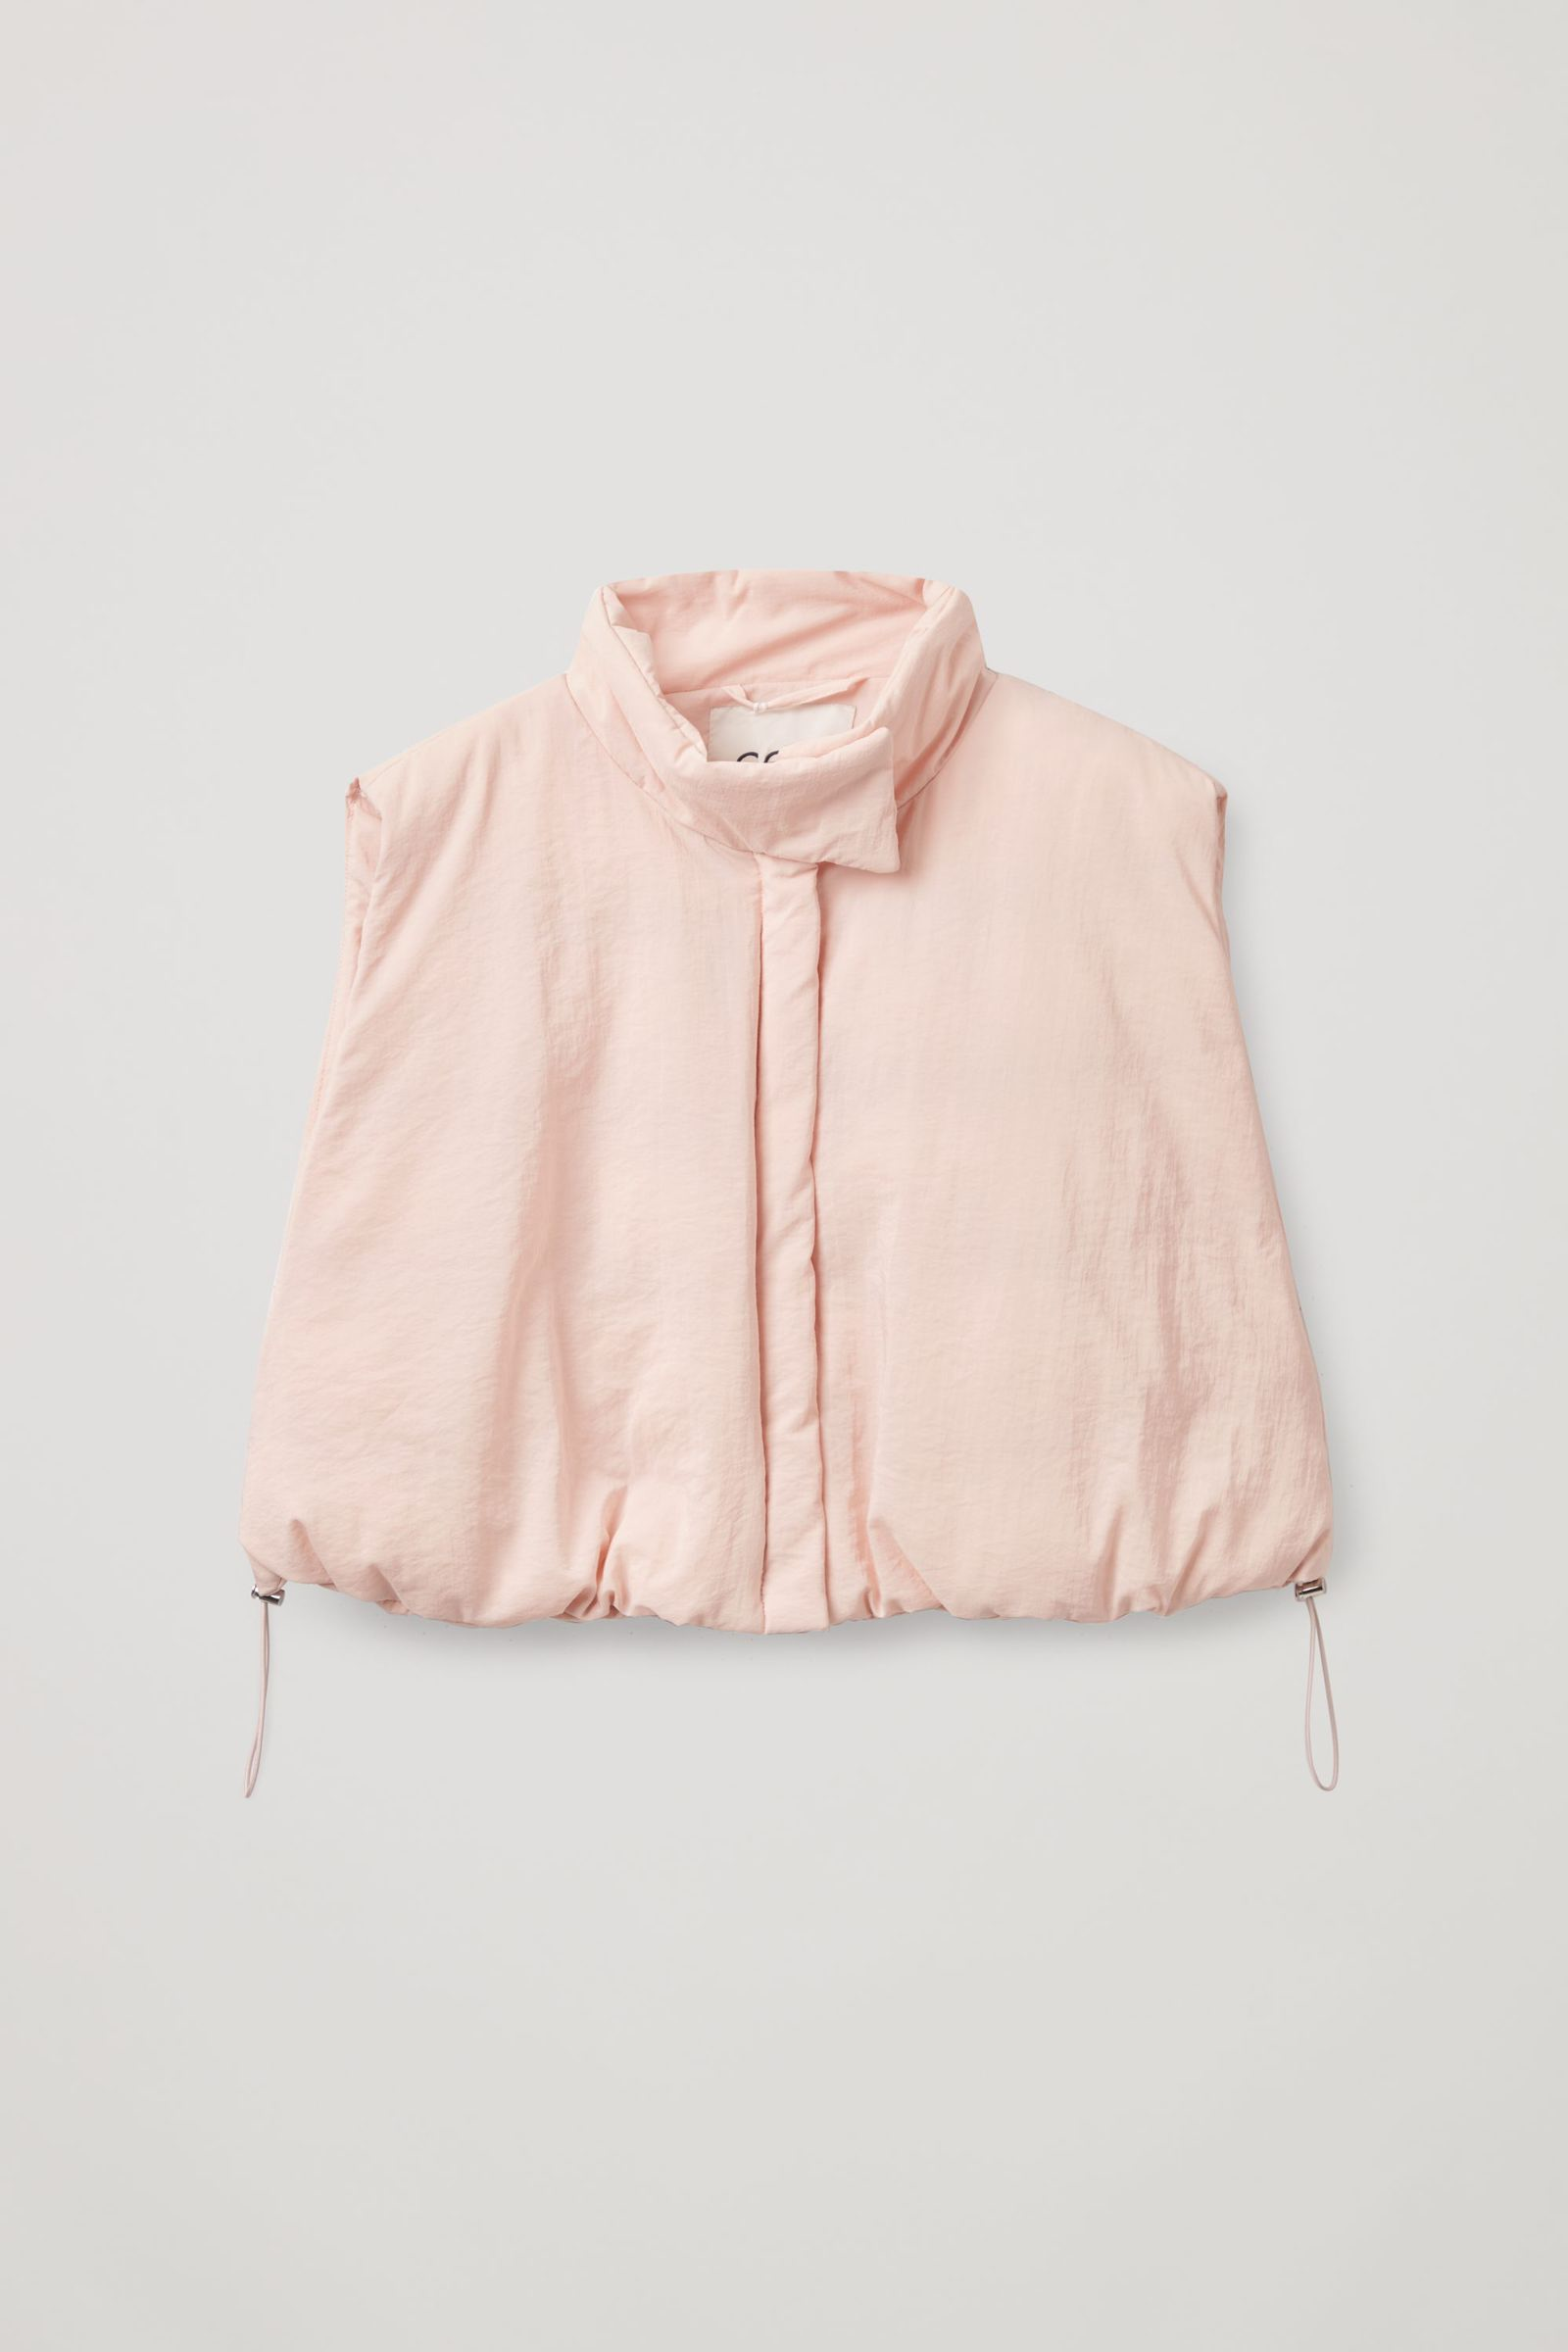 COS 플라워다운™ 하이브리드 패딩 재킷의 더스티 라이트 핑크컬러 Product입니다.